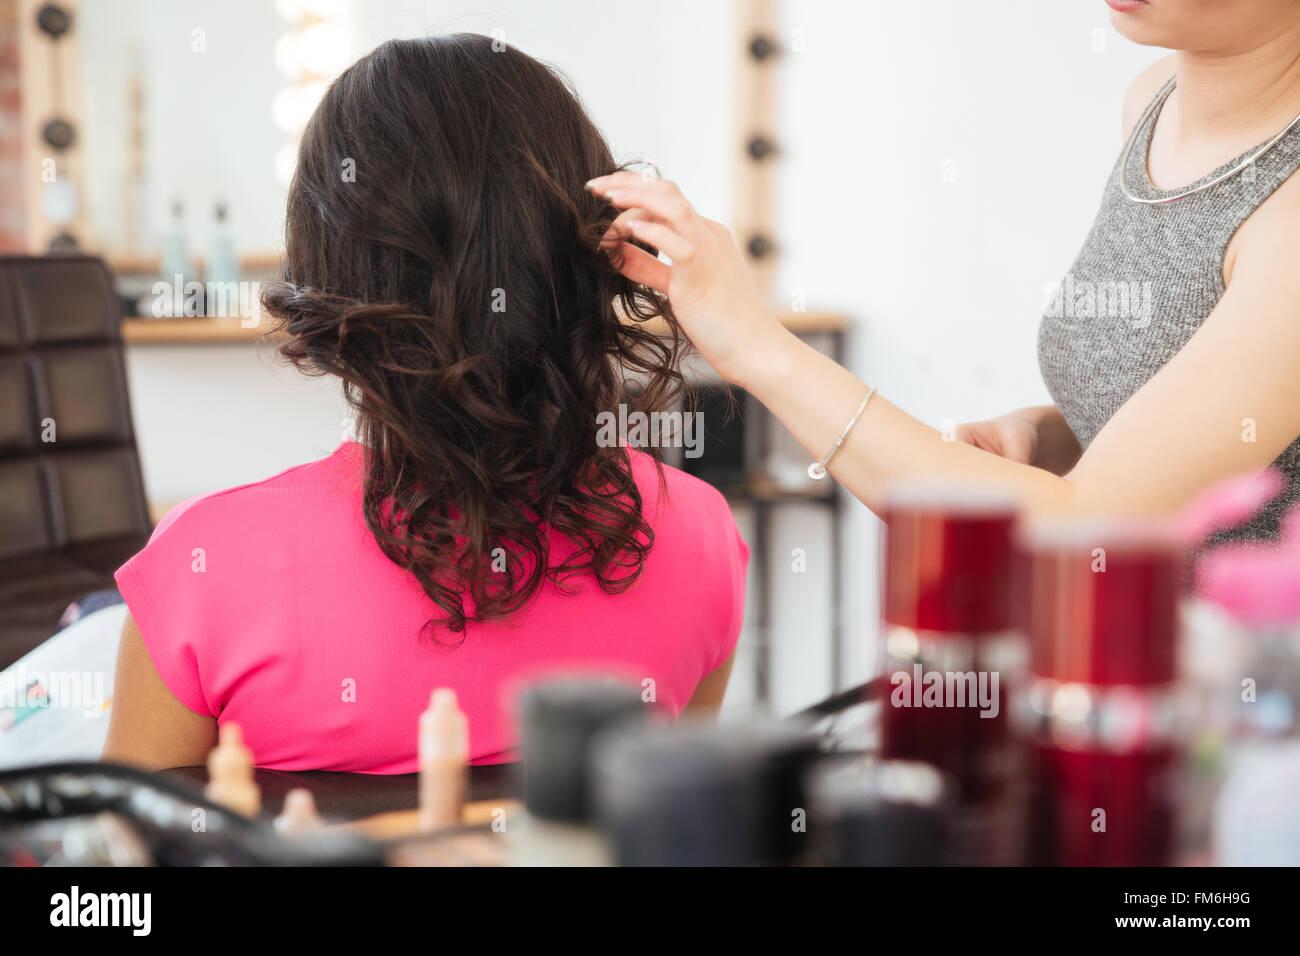 Vista posterior de la clienta con el cabello oscuro y peluquería haciendo peinado en el salón de belleza Imagen De Stock